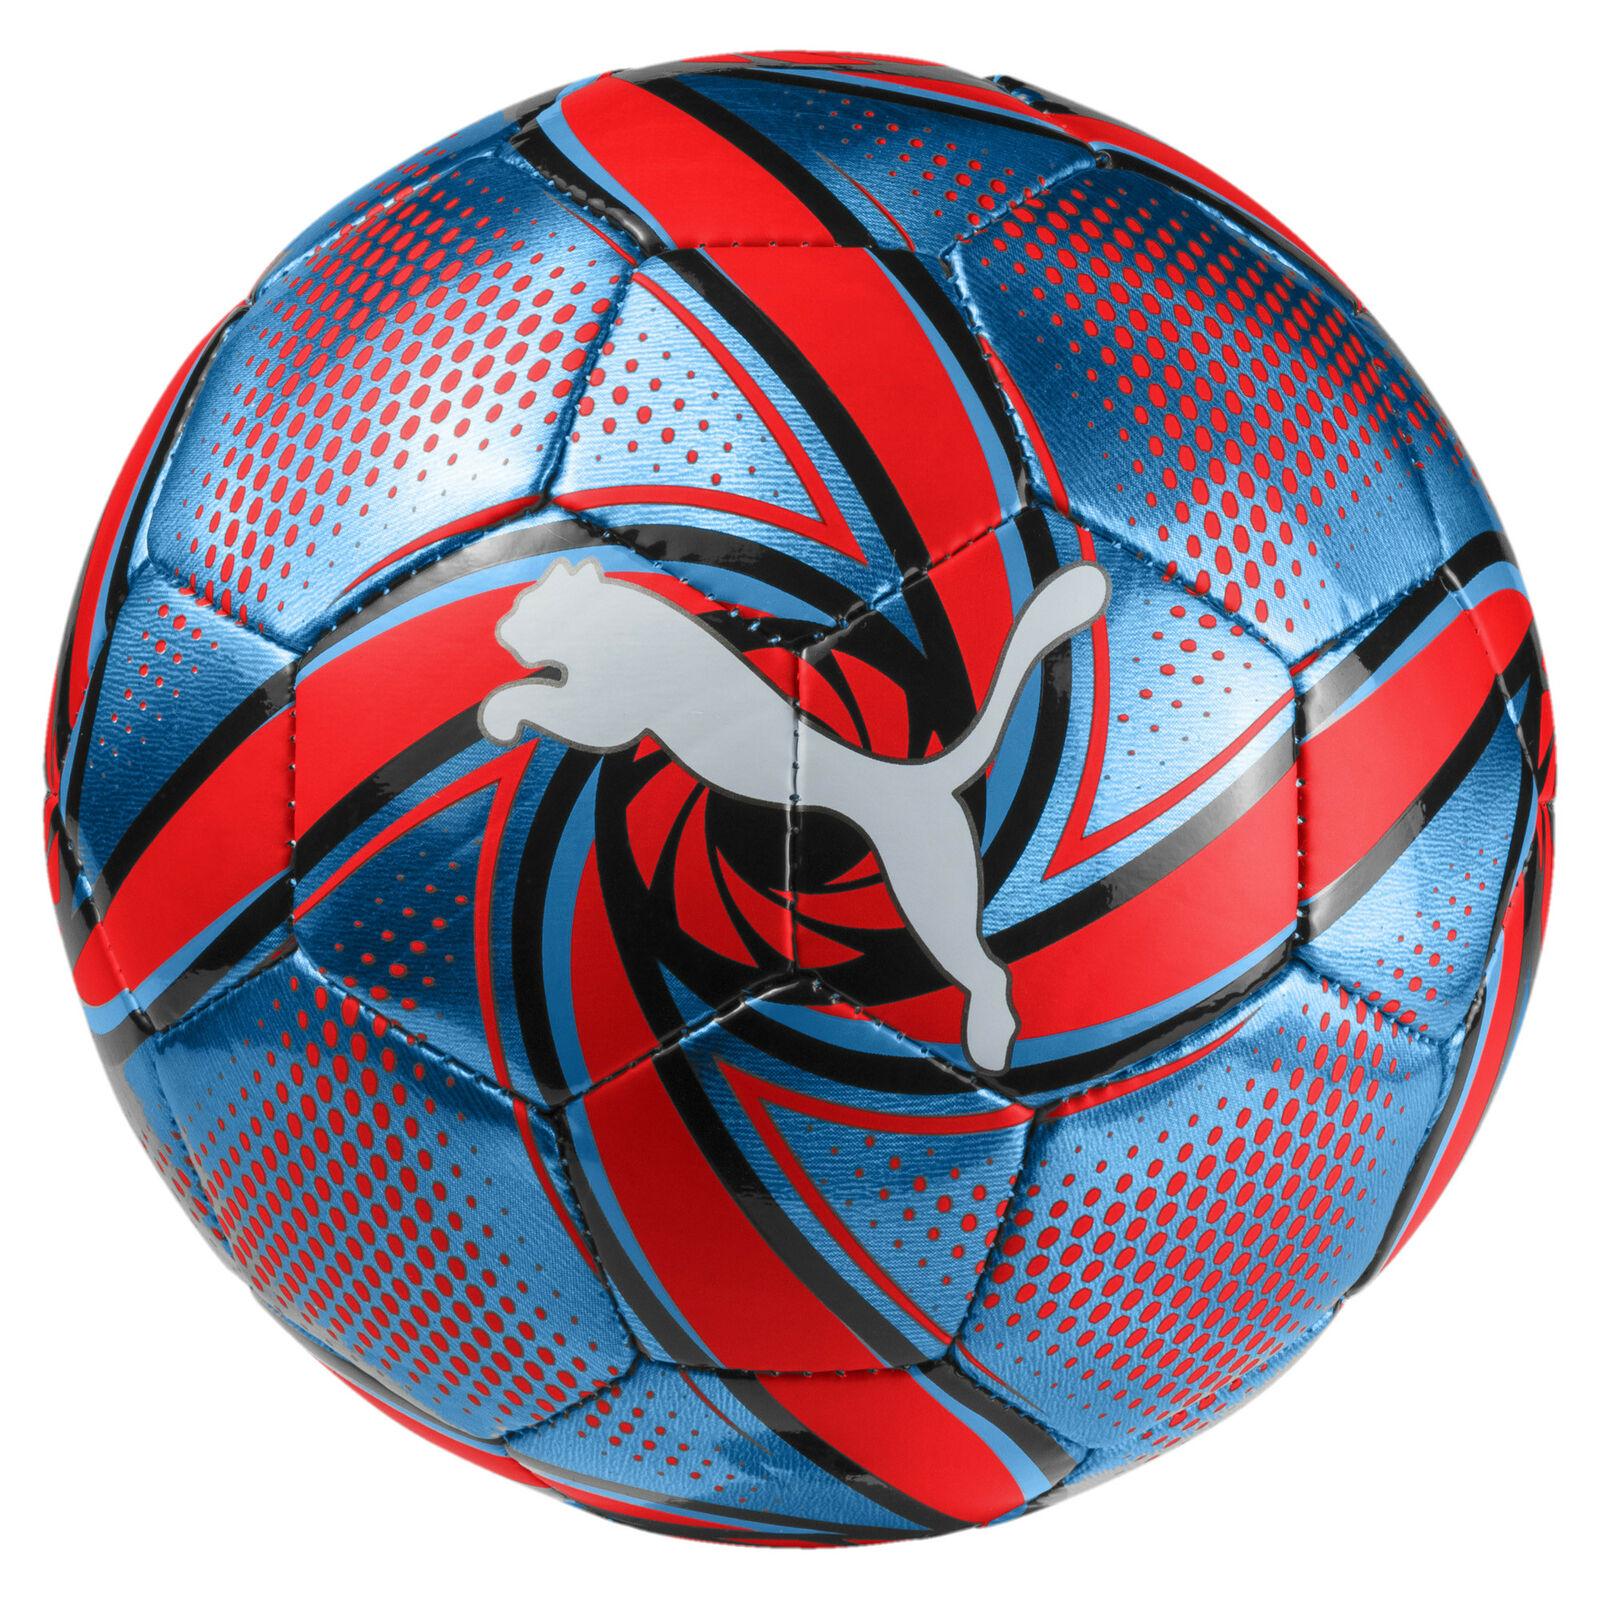 Bild zu Mini Trainingsball Puma Future Flare Mini für 6,40€ (Vergleich: 10,80€)